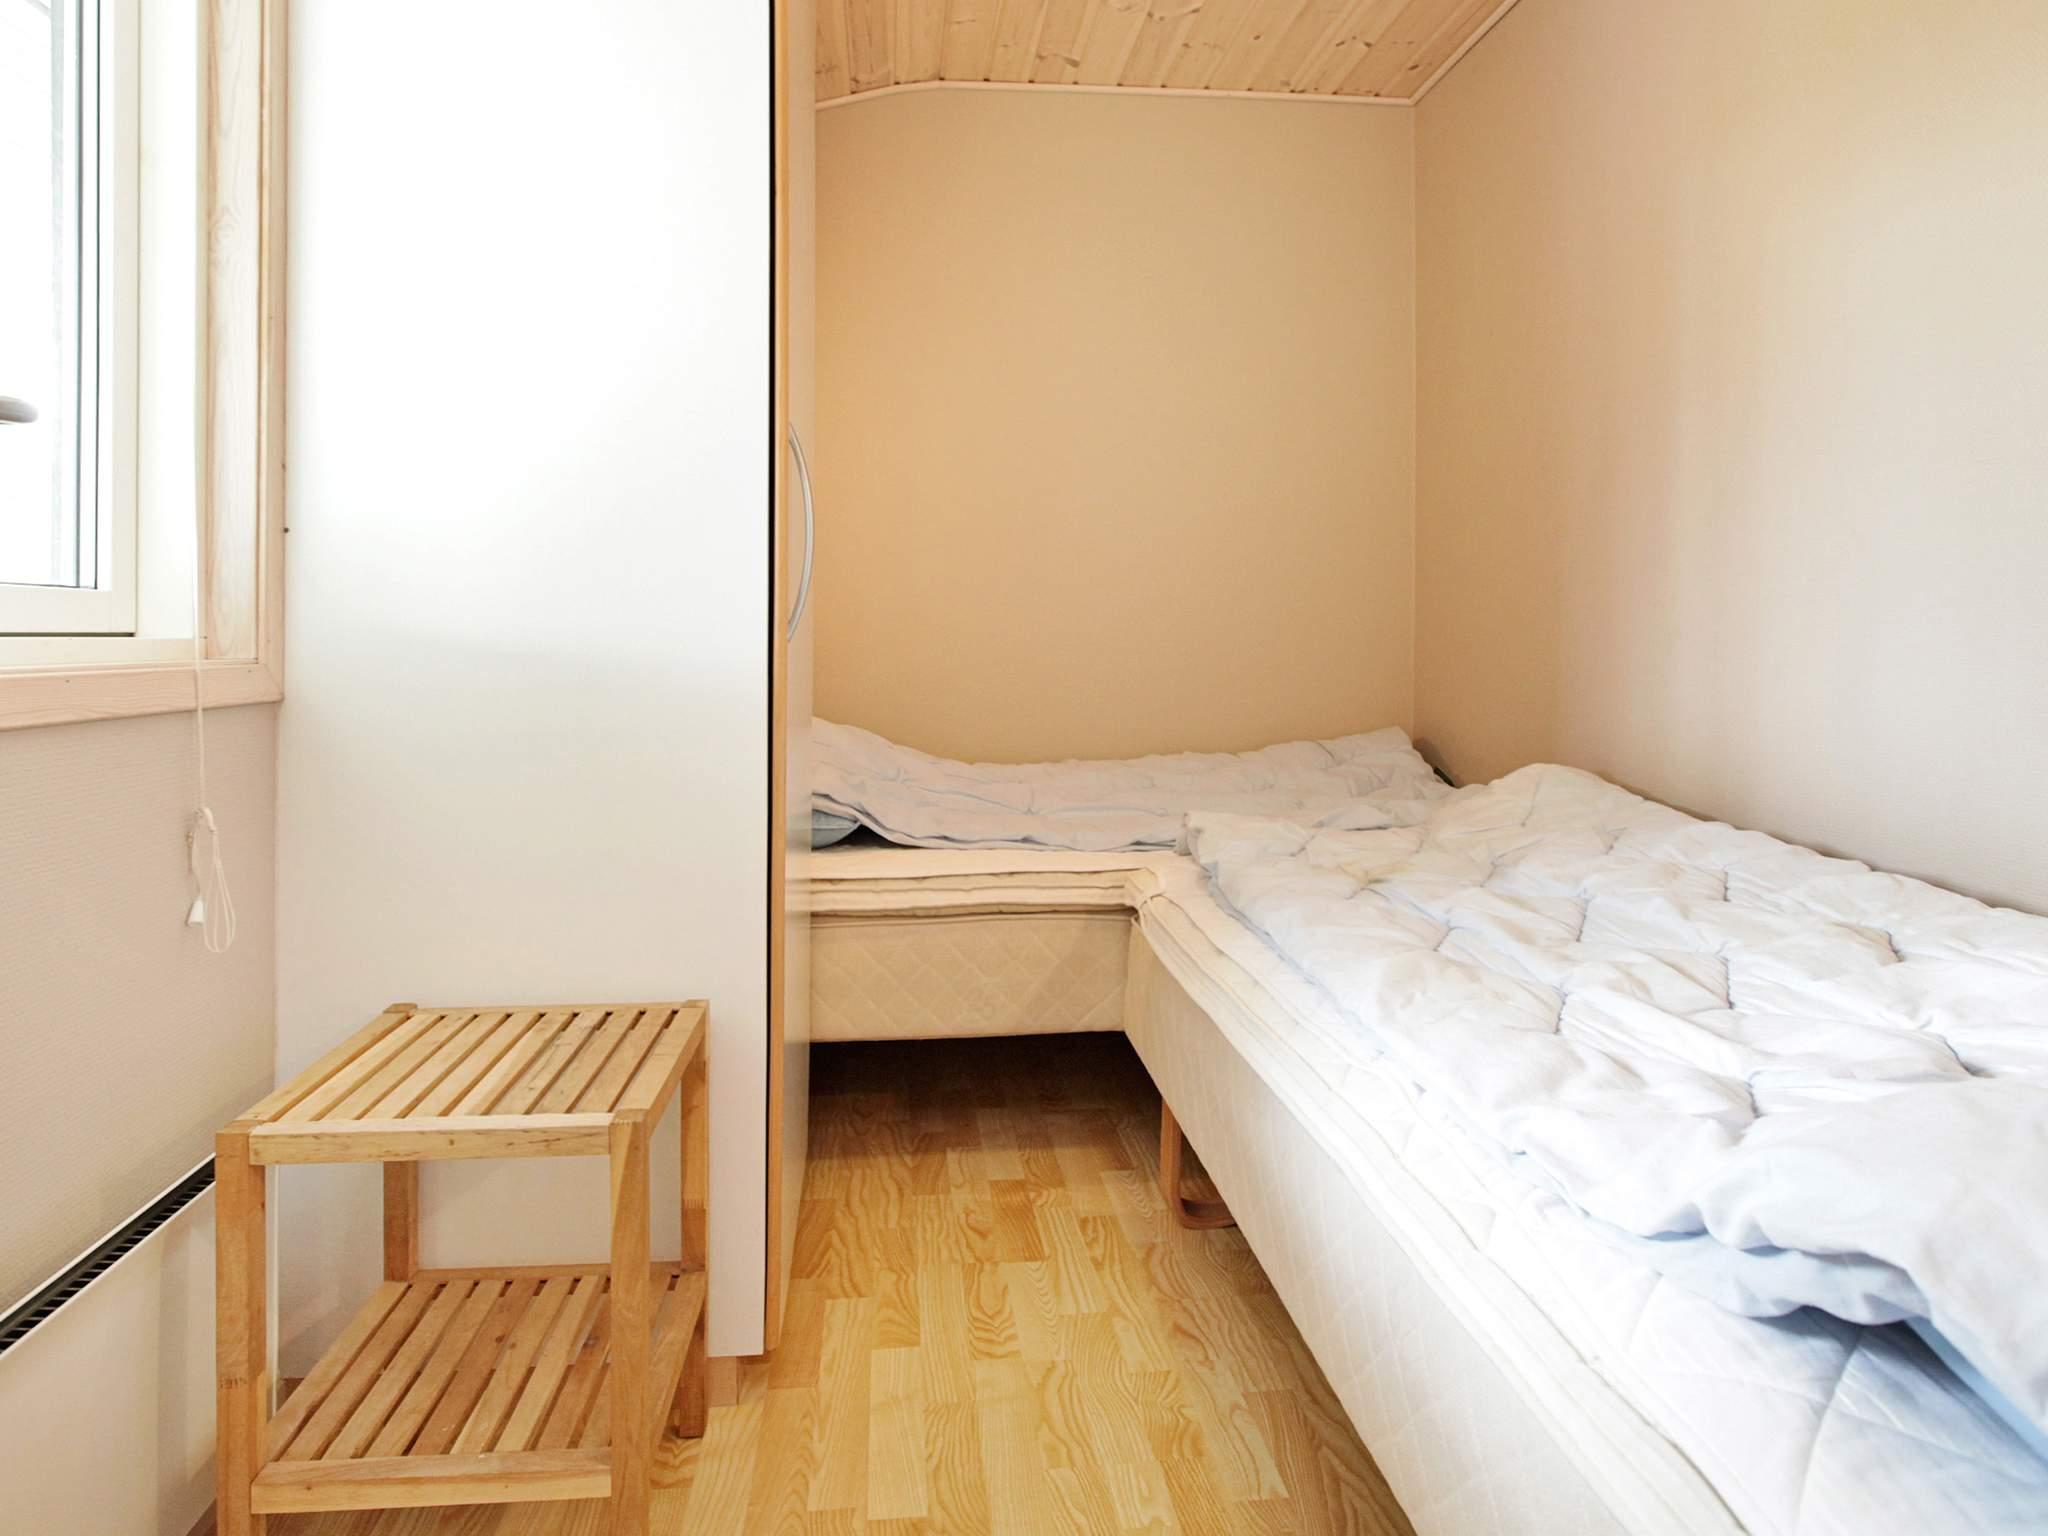 Ferienhaus Marielyst (86576), Marielyst, , Falster, Dänemark, Bild 14